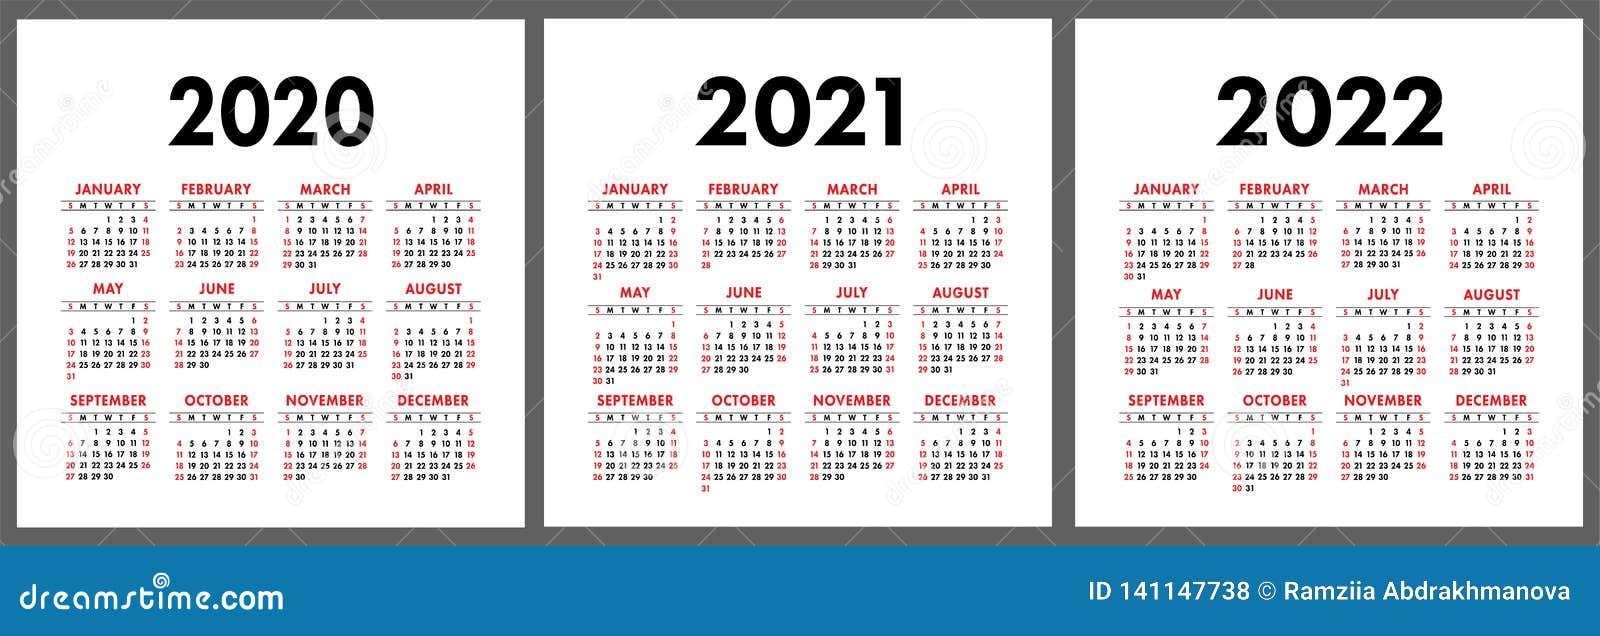 Calendario 2020 Semanas.Calendario 2020 2021 2022 Anos Molde Vertical Do Projeto